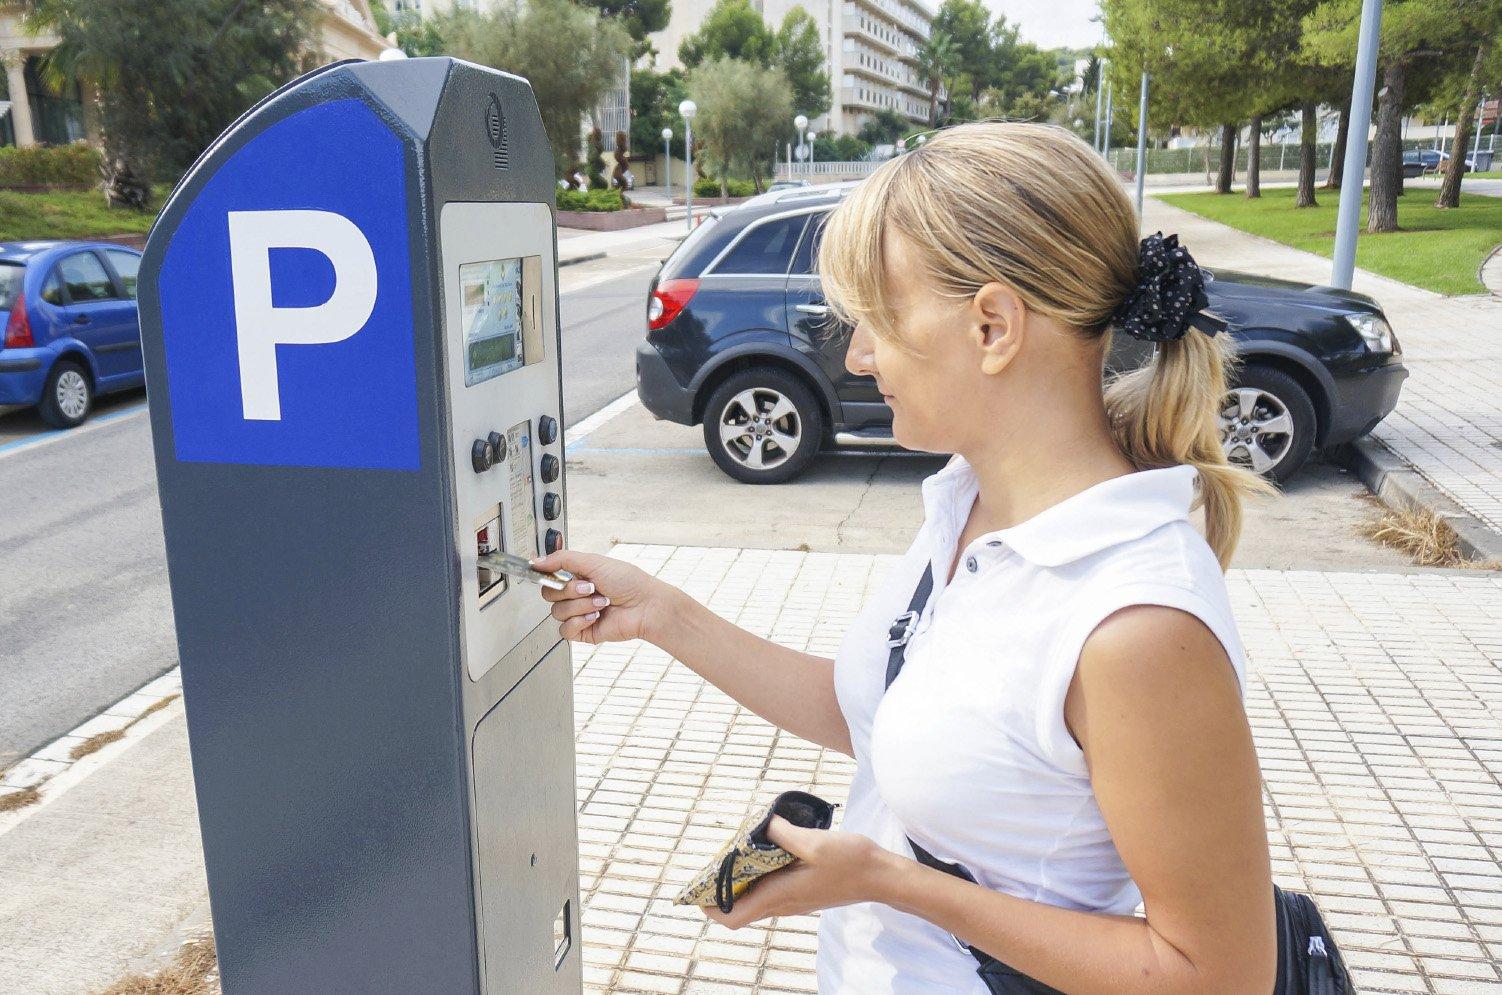 Paying at parking meter